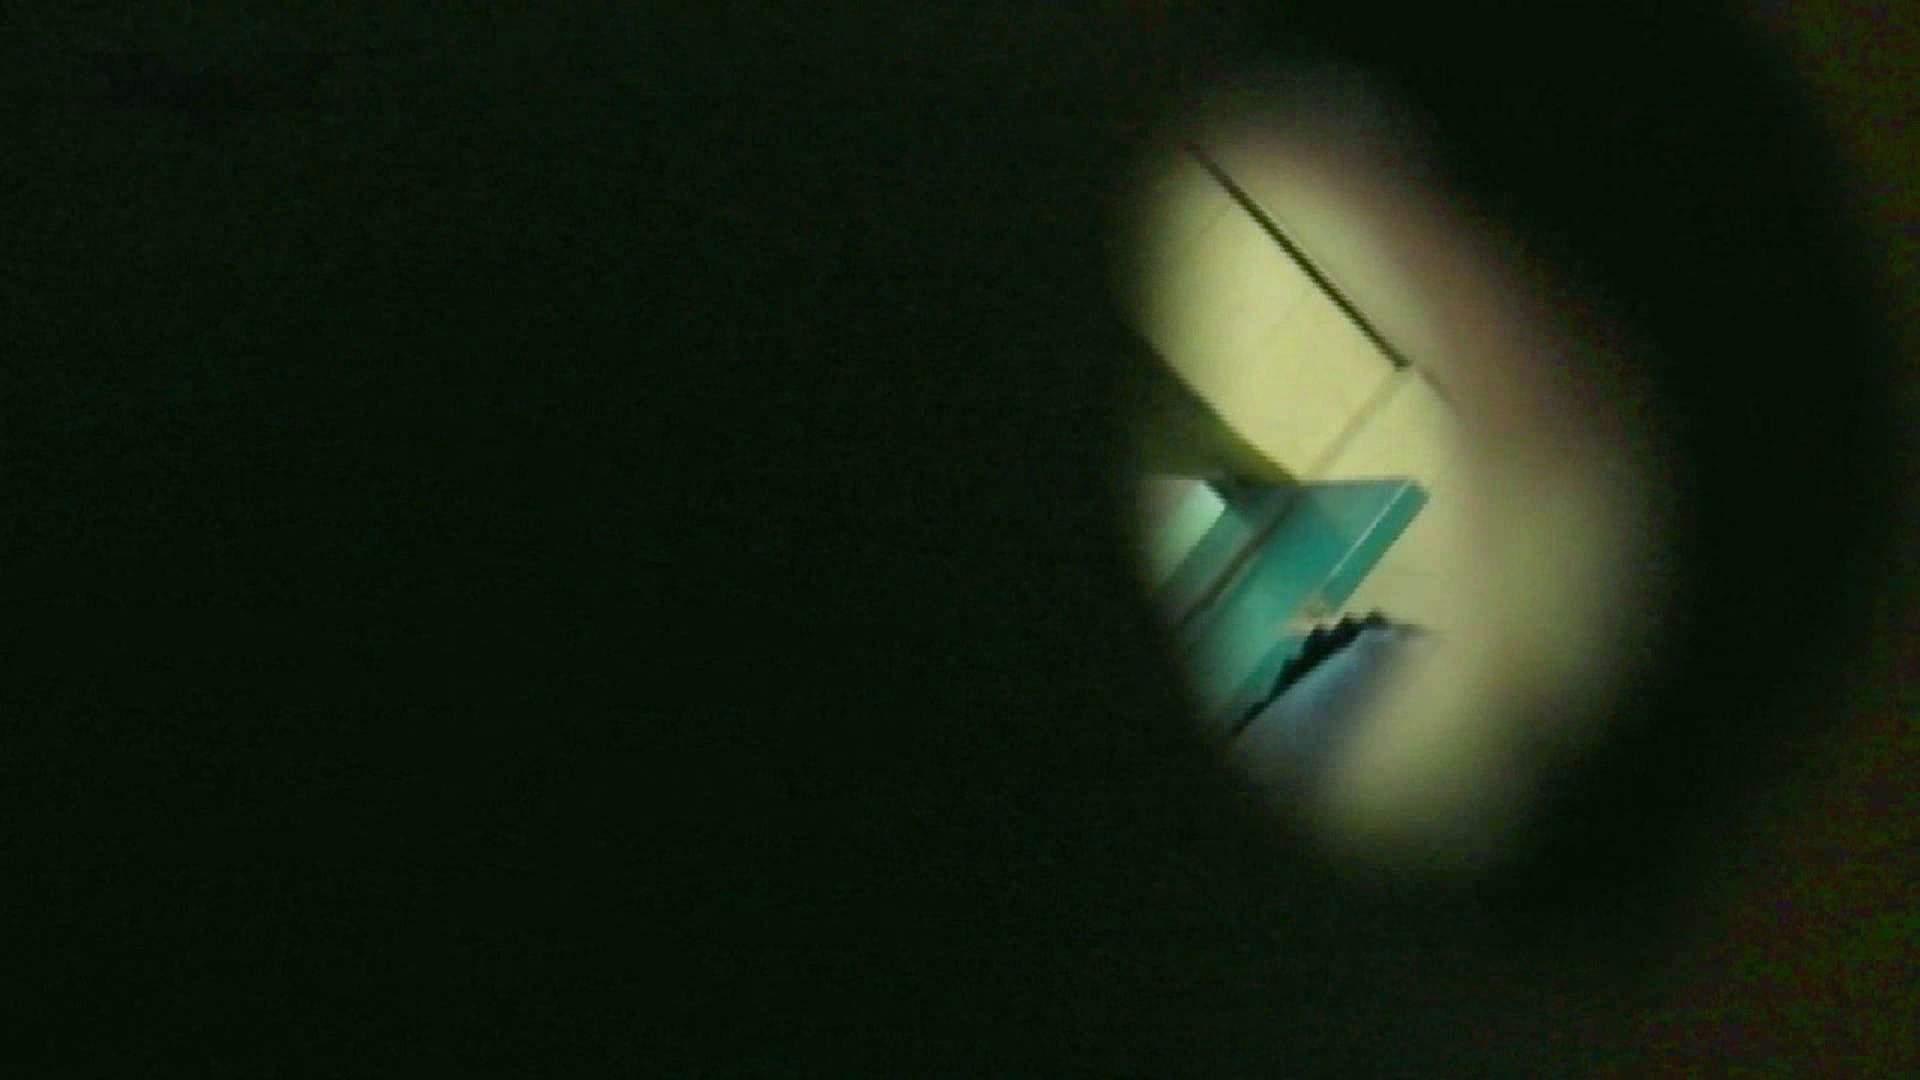 ステーション編 vol.29 頭二つ飛び出る180cm長身モデル 洗面所 スケベ動画紹介 67画像 29